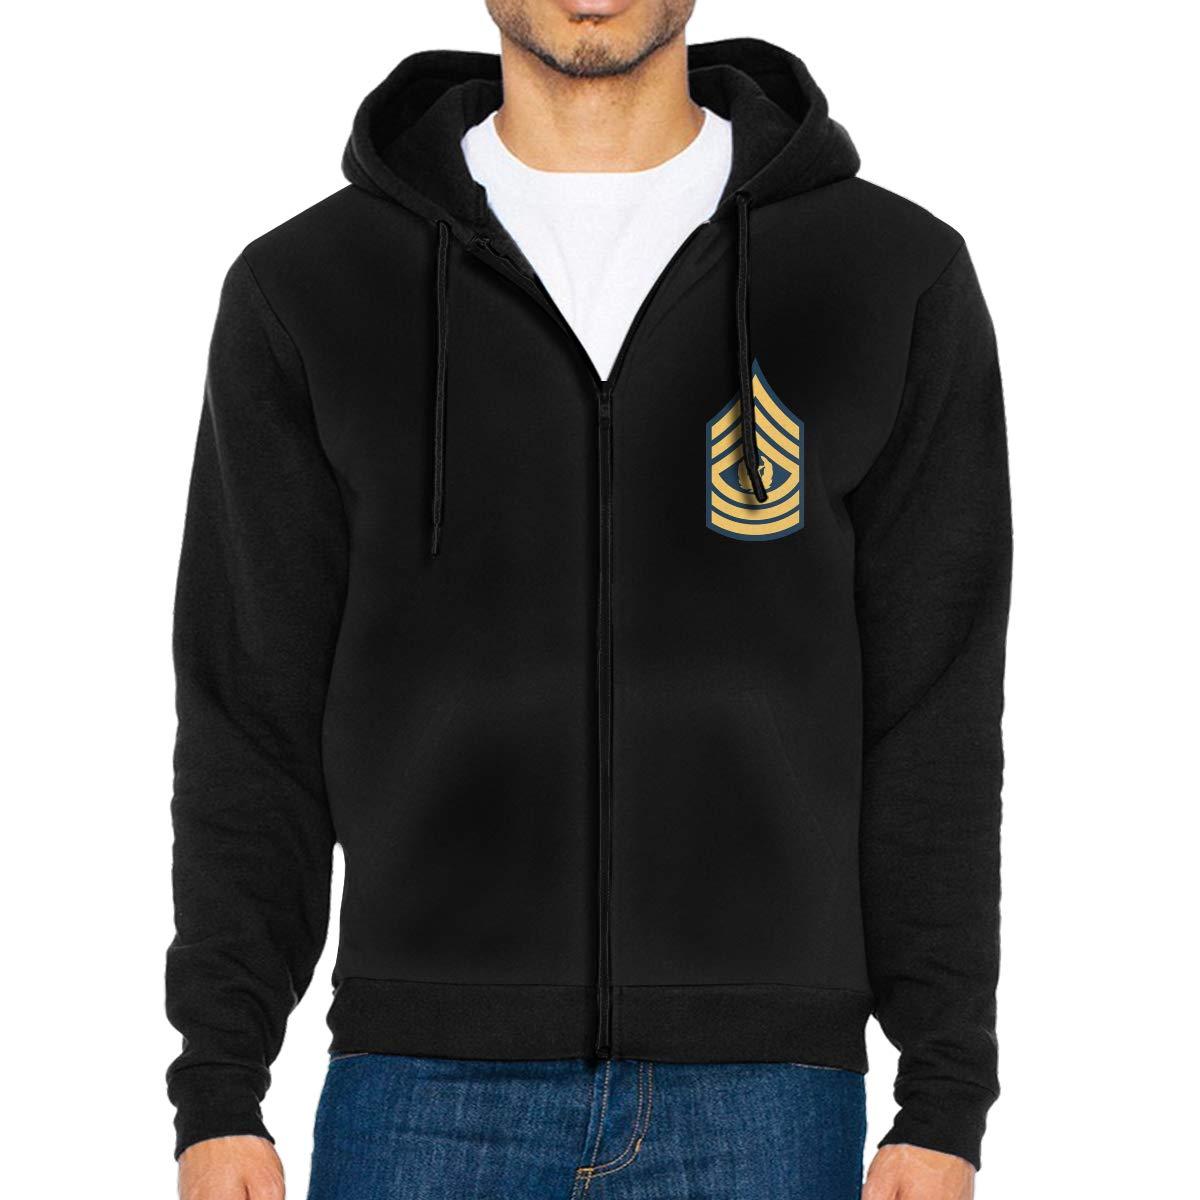 Sergeant Major of The Army Military Rank Mens Full-Zip Hoodie Jacket Pullover Sweatshirt